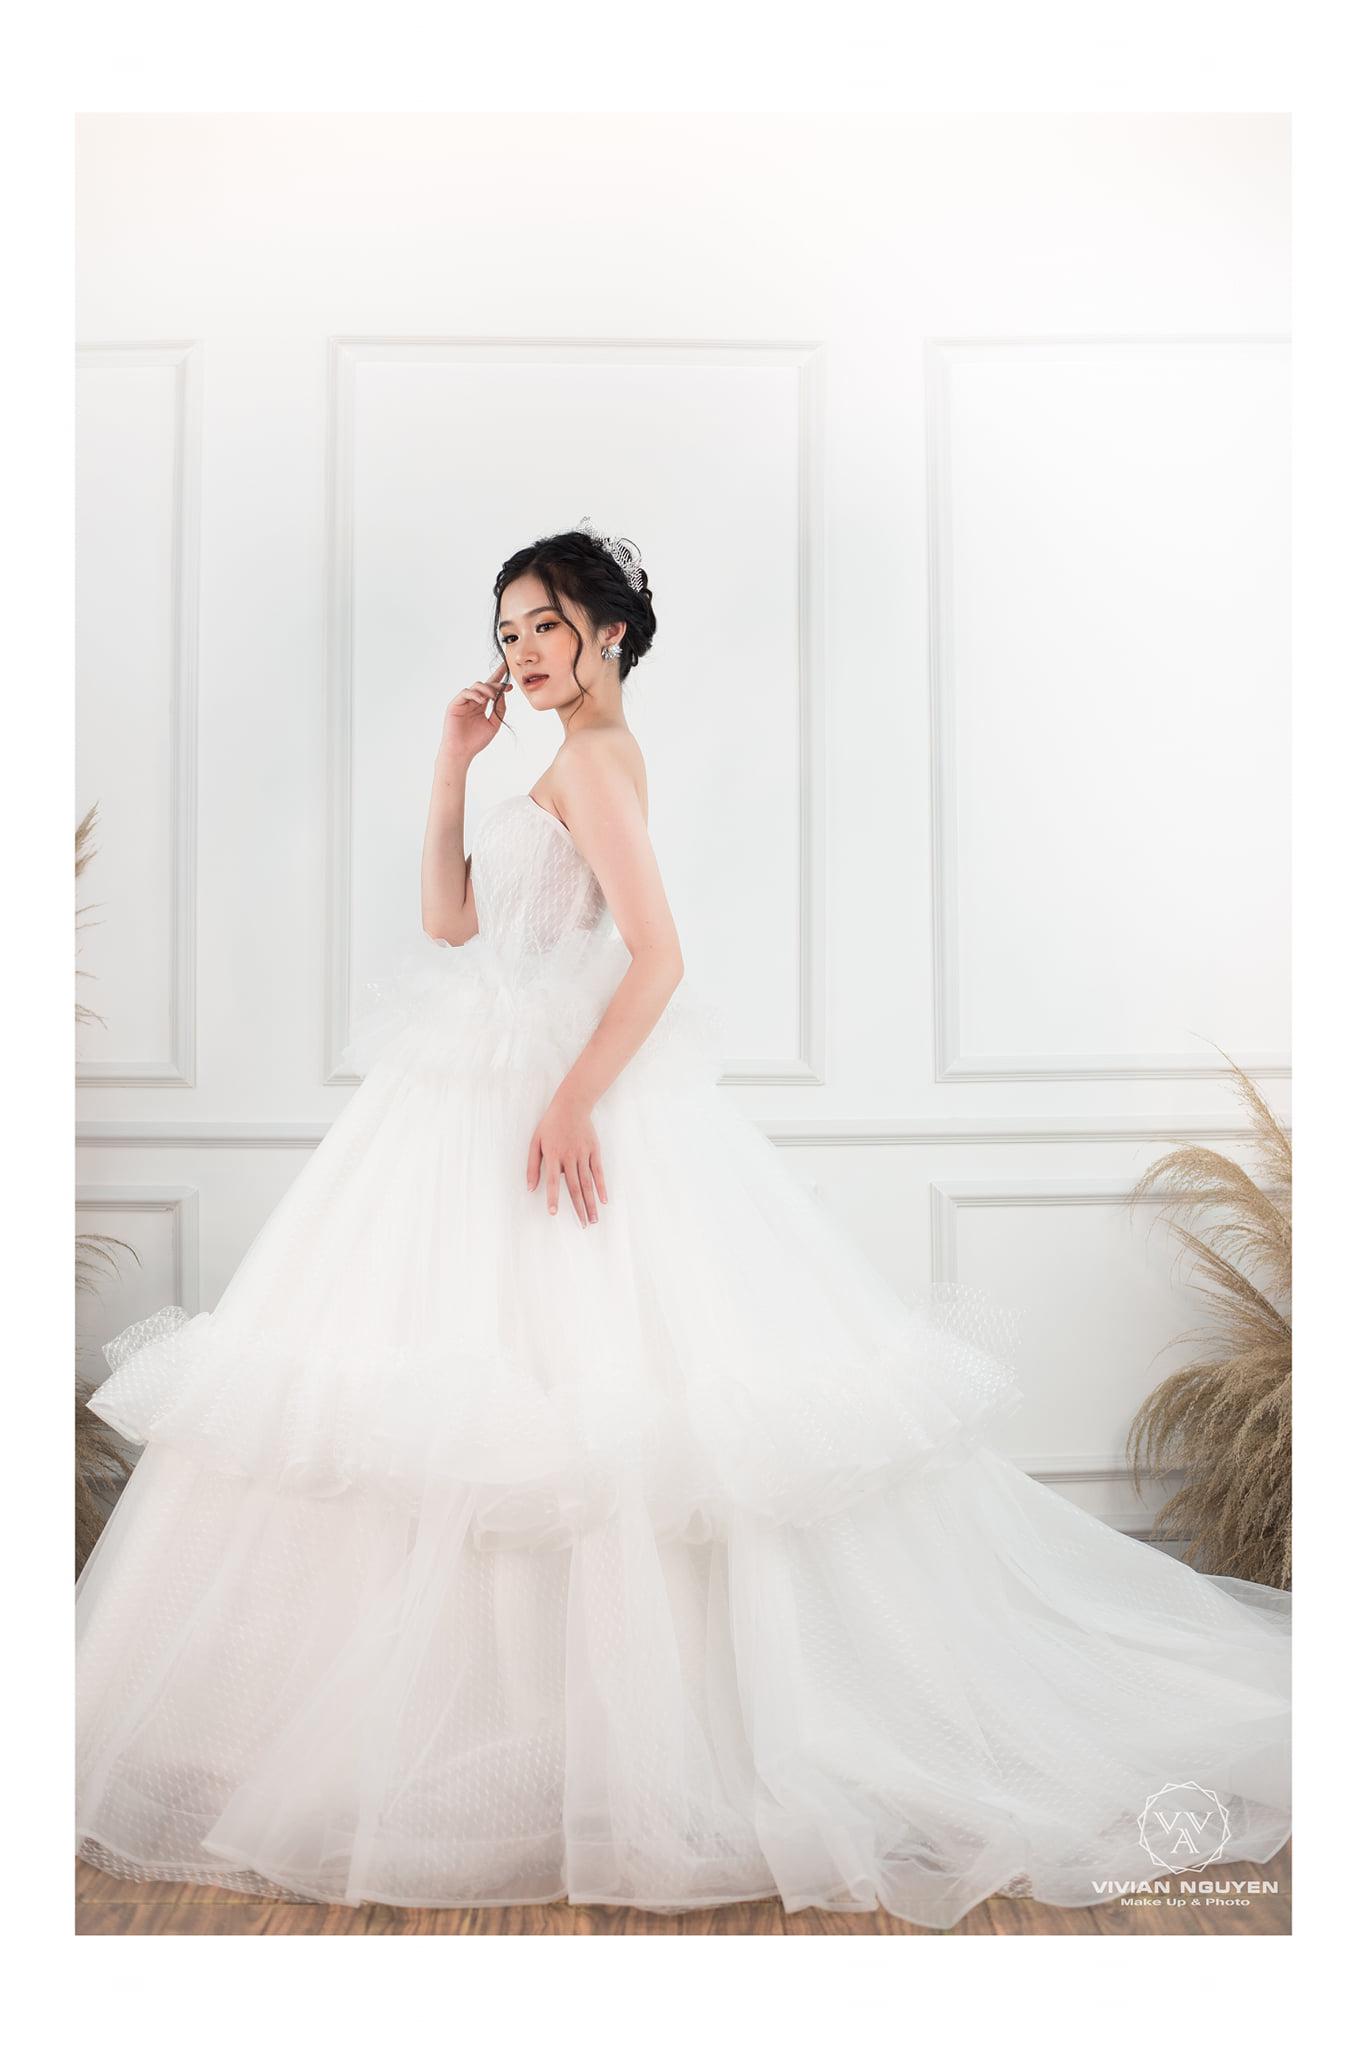 Xếp hạng 8 Studio chụp ảnh cưới đẹp nhất TP. Bảo Lộc, Lâm Đồng - Vivian Nguyễn Makeup & Studio